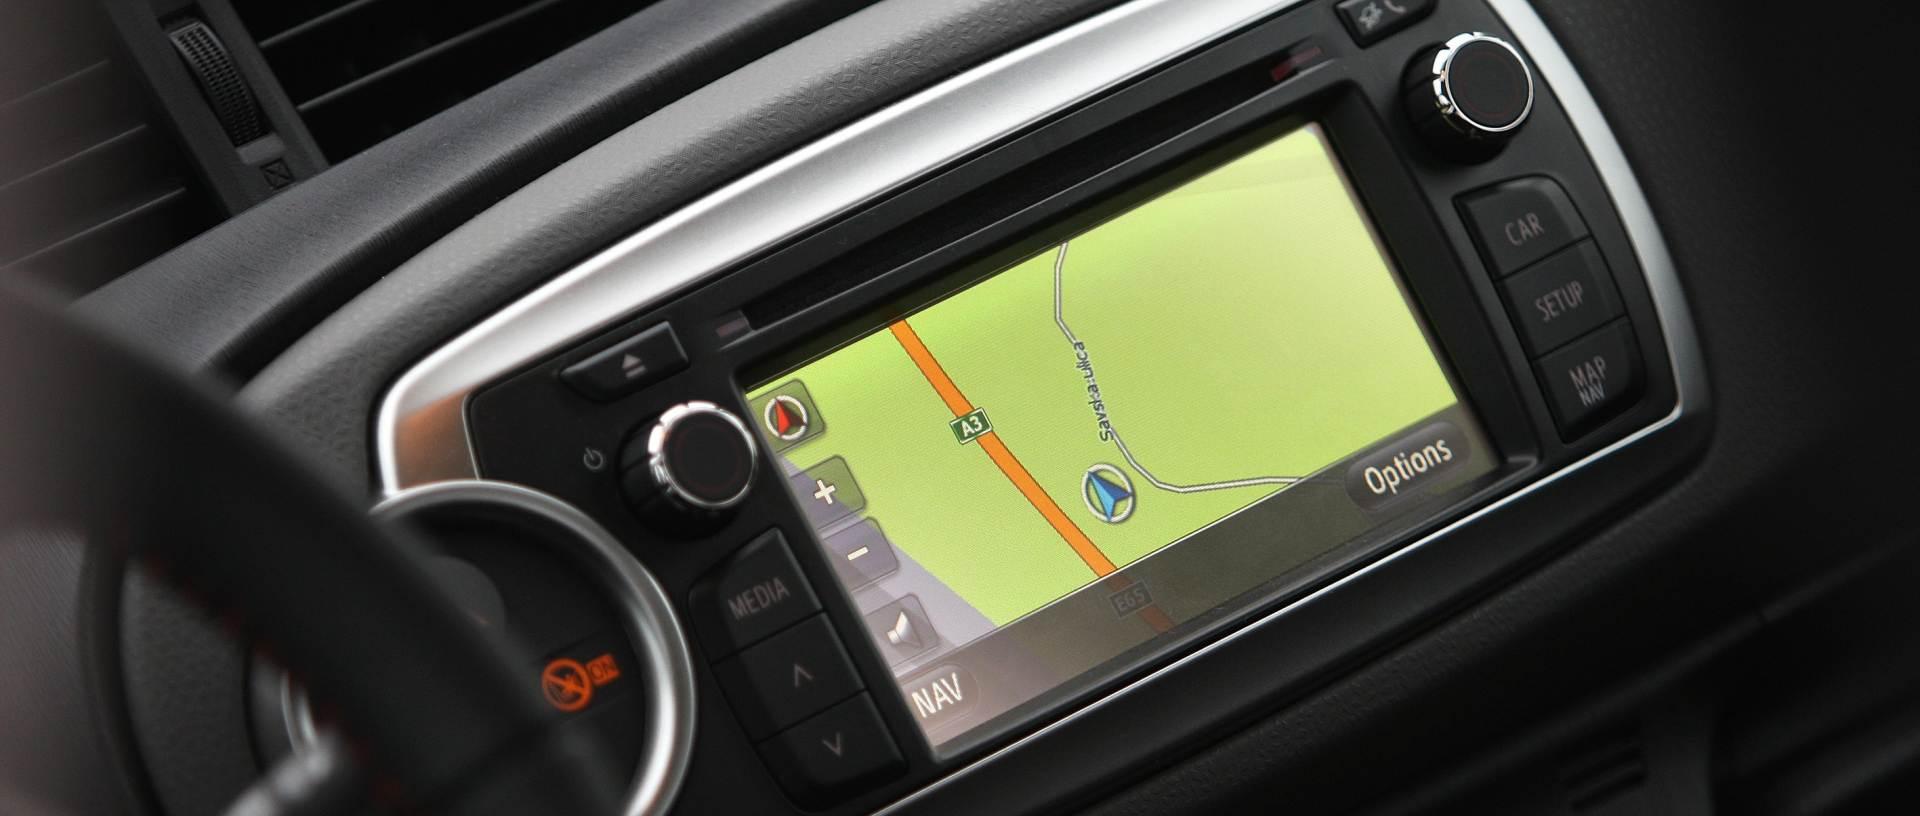 GPS RJEŠENJA: Njemački automobilski trojac kupuje Nokijinu HERE-u